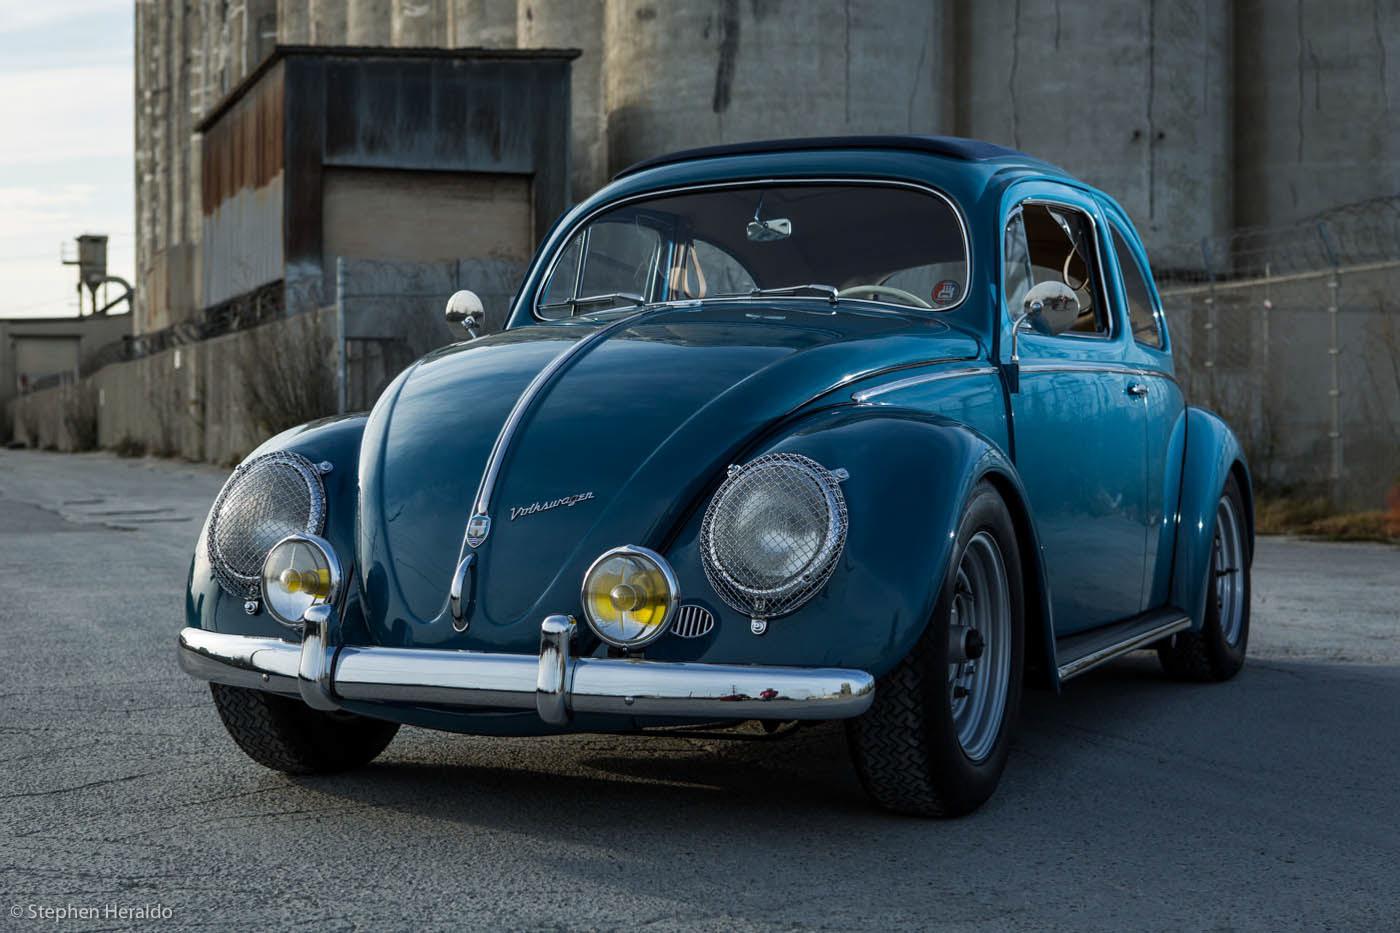 Joey s 1957 volkswagen beetle articles